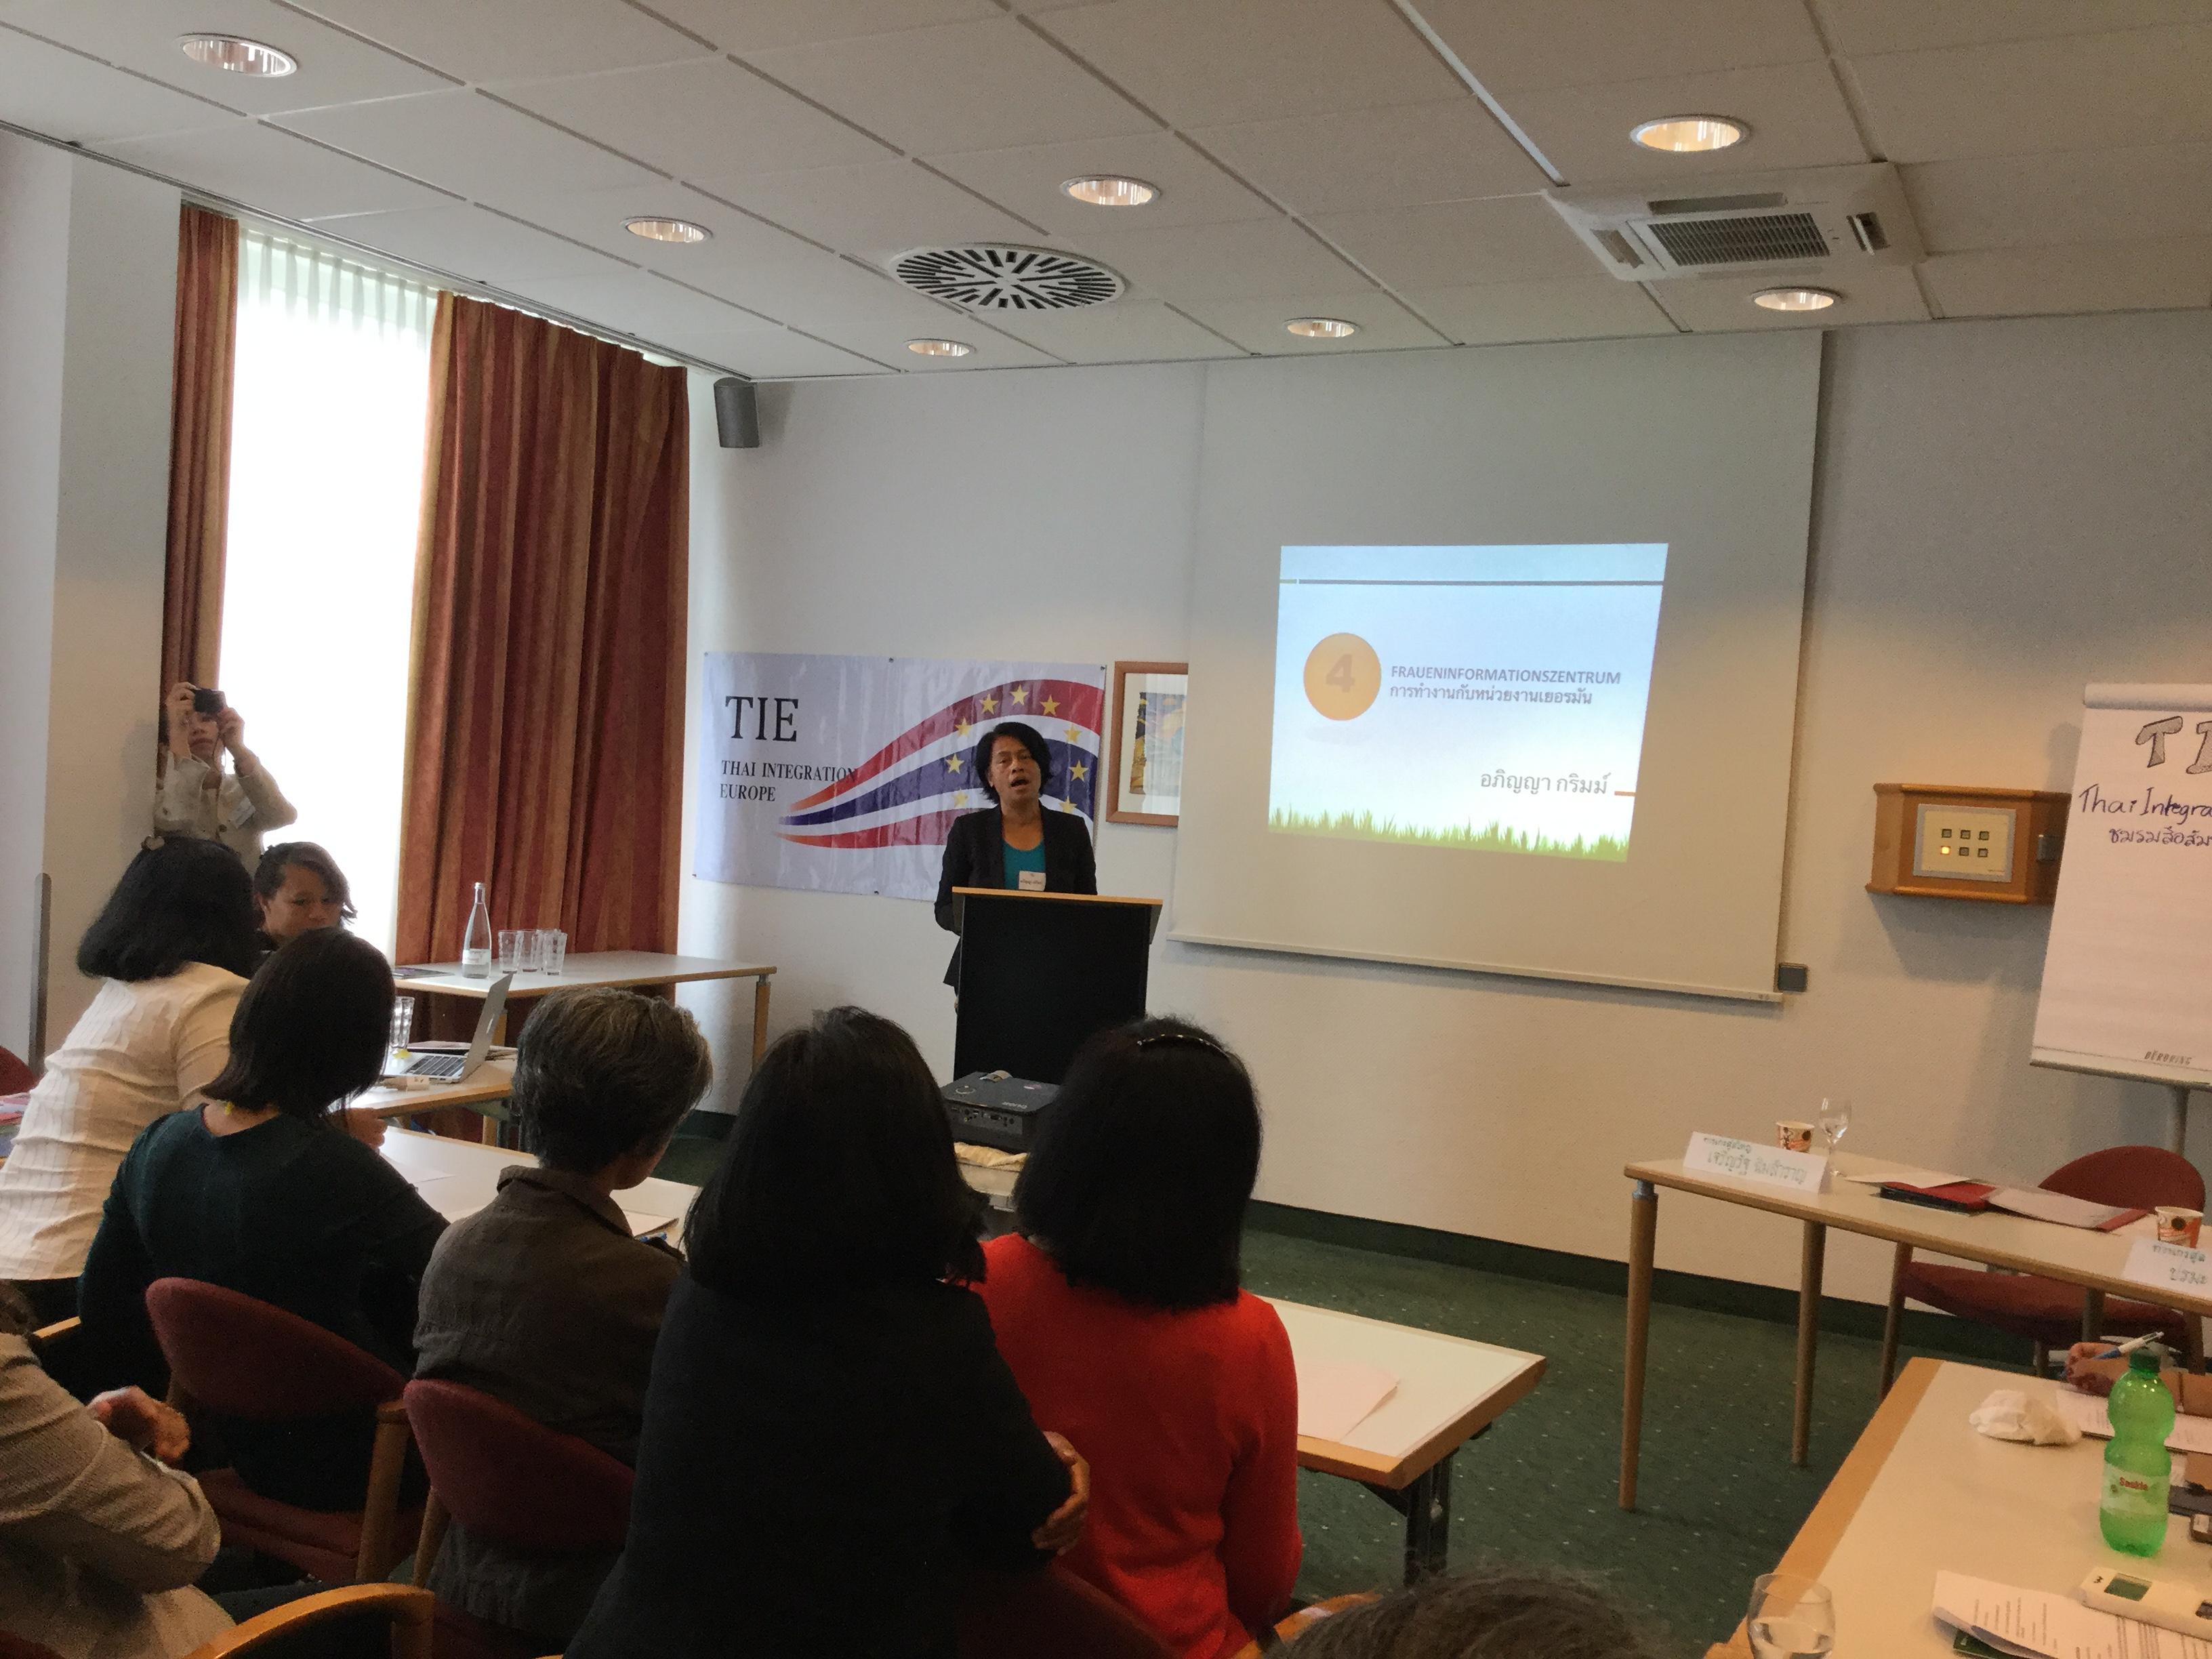 """คุณอภิญญา กริมม์ บรรยายเรื่อง """"การทำงานช่วยเหลือคนไทยกับหน่วยงานเยอรมัน"""" คุณอภิญญาทำงานกับหน่วยงานเยอรมันชื่อ Fraueminformationszentrum หรือ FIZ ที่เมือง Stuttgart (http://www.vij-stuttgart.de/unsere-angebote/fraueninformationszentrum.html)"""